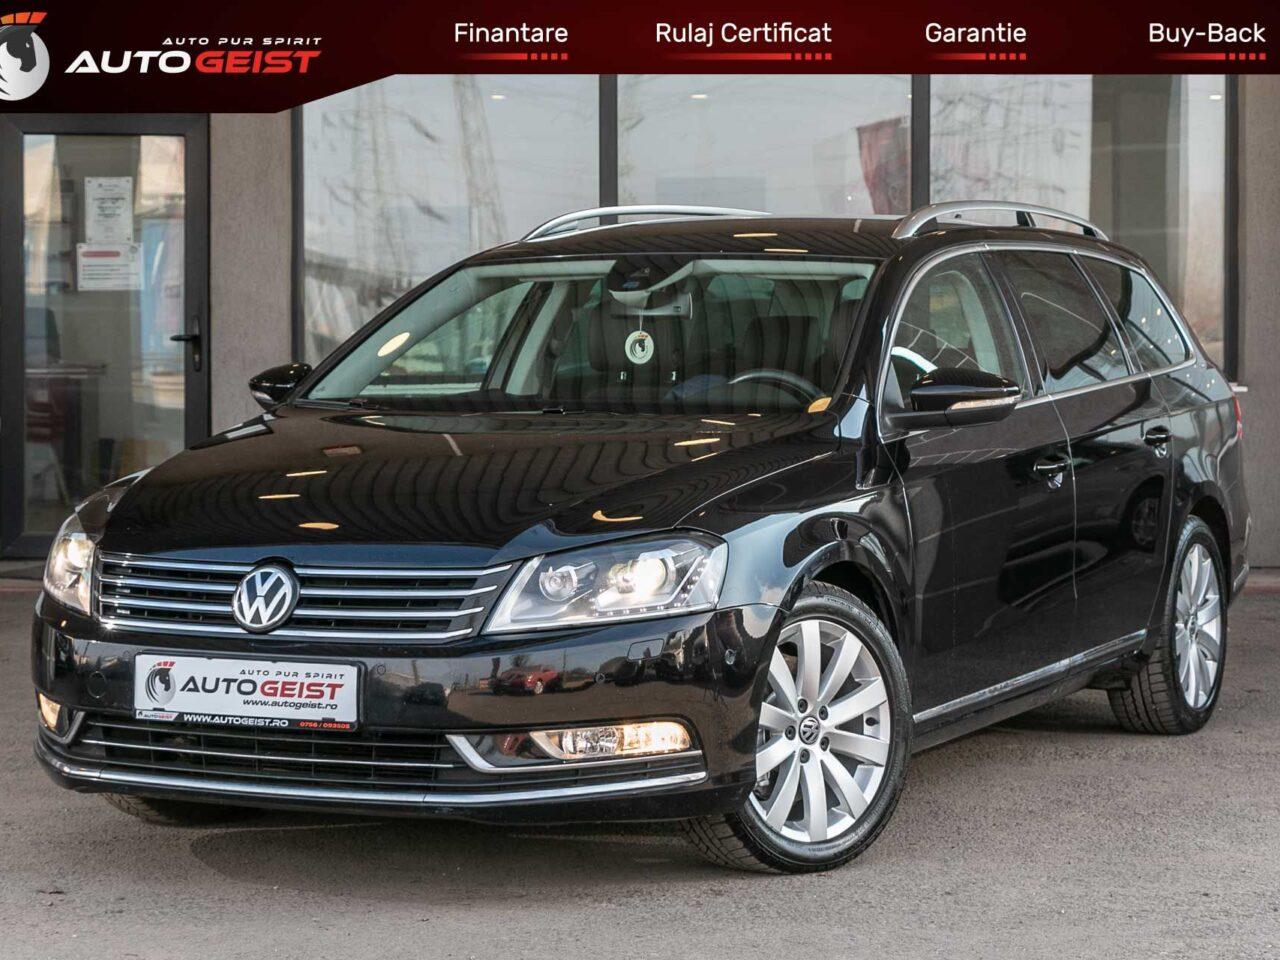 VW-PASSAT-B7-webasto-piele-negru-3668